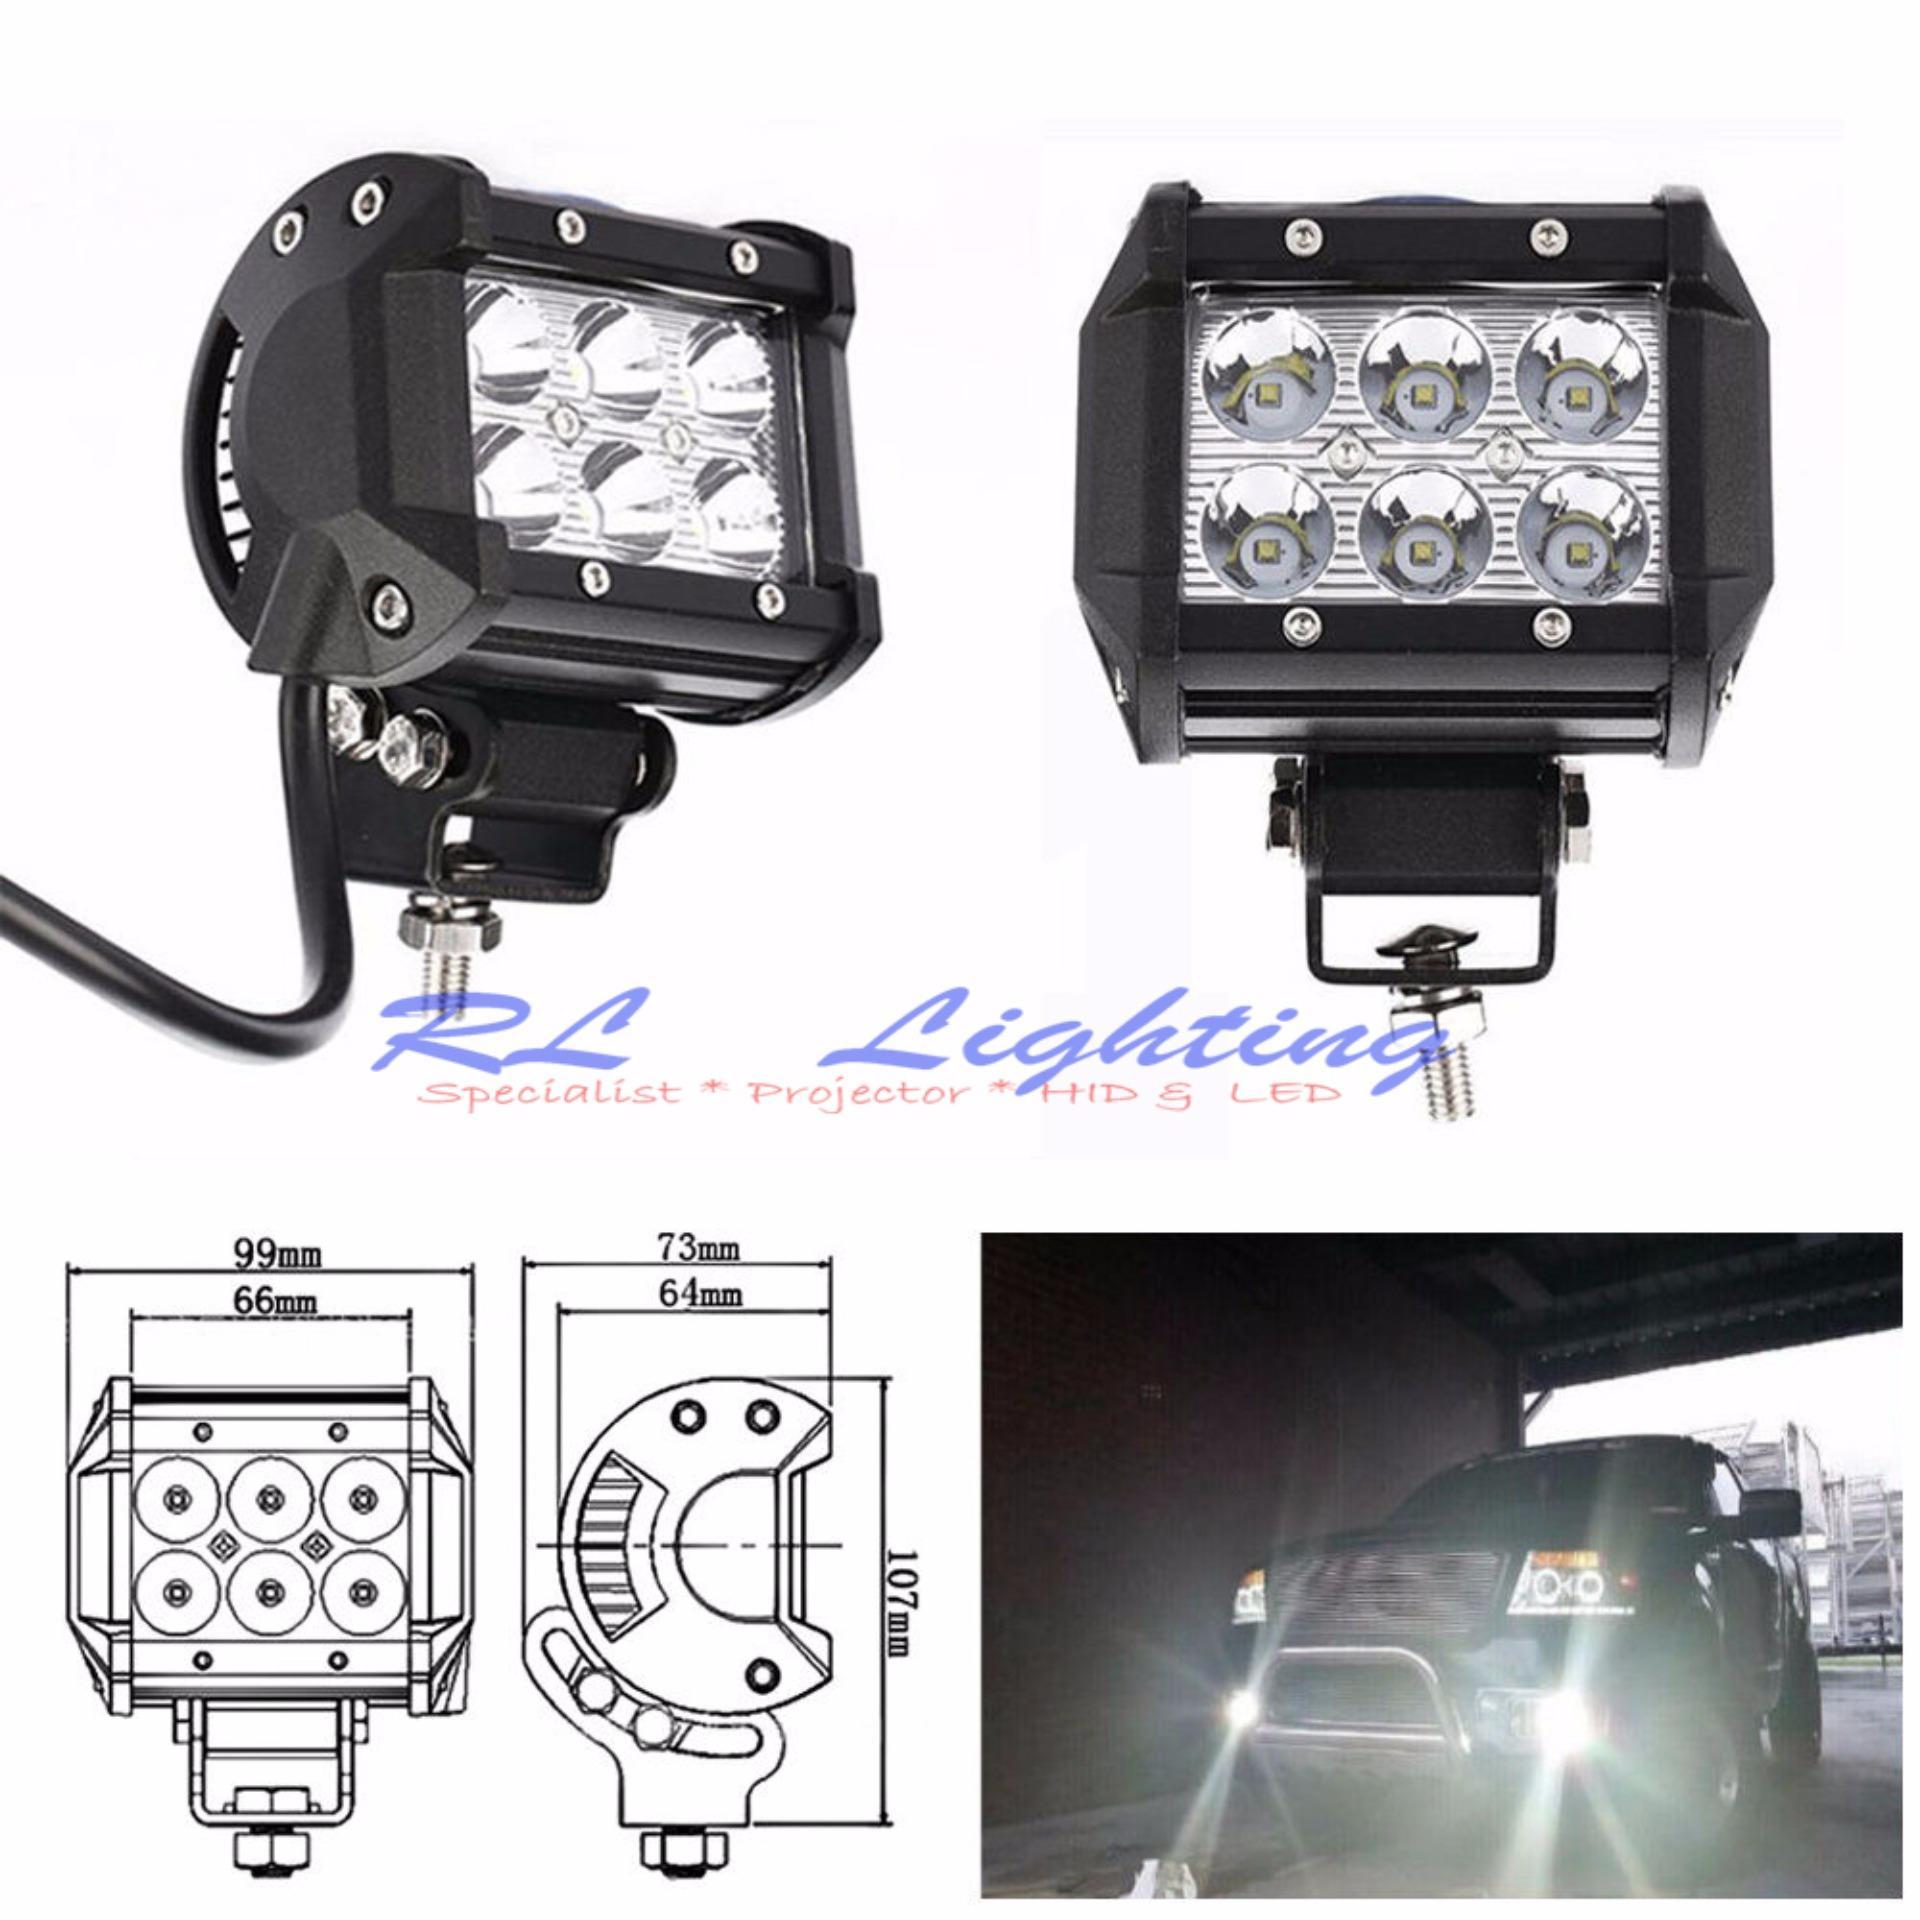 LED Lampu Tembak Sorot Worklight Cree Led Spot 6 Mata 18 Watt -